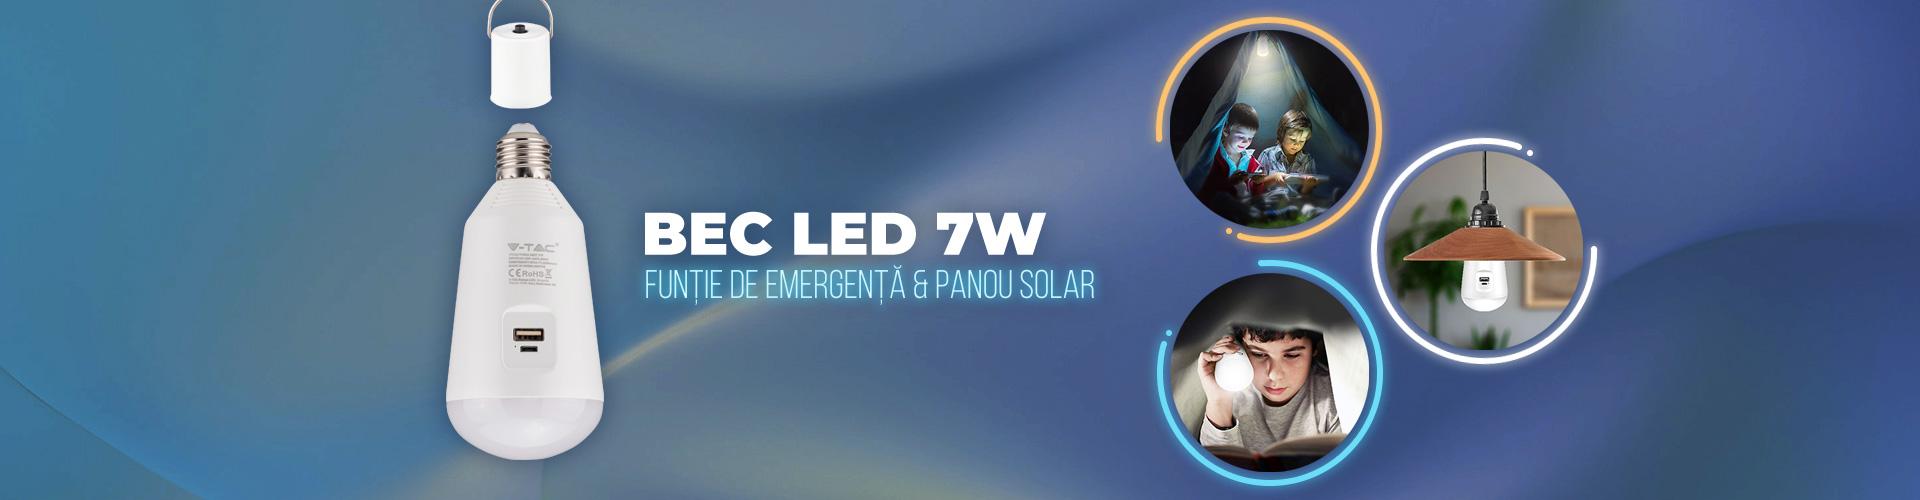 3-7w-emergency-bulb-ro